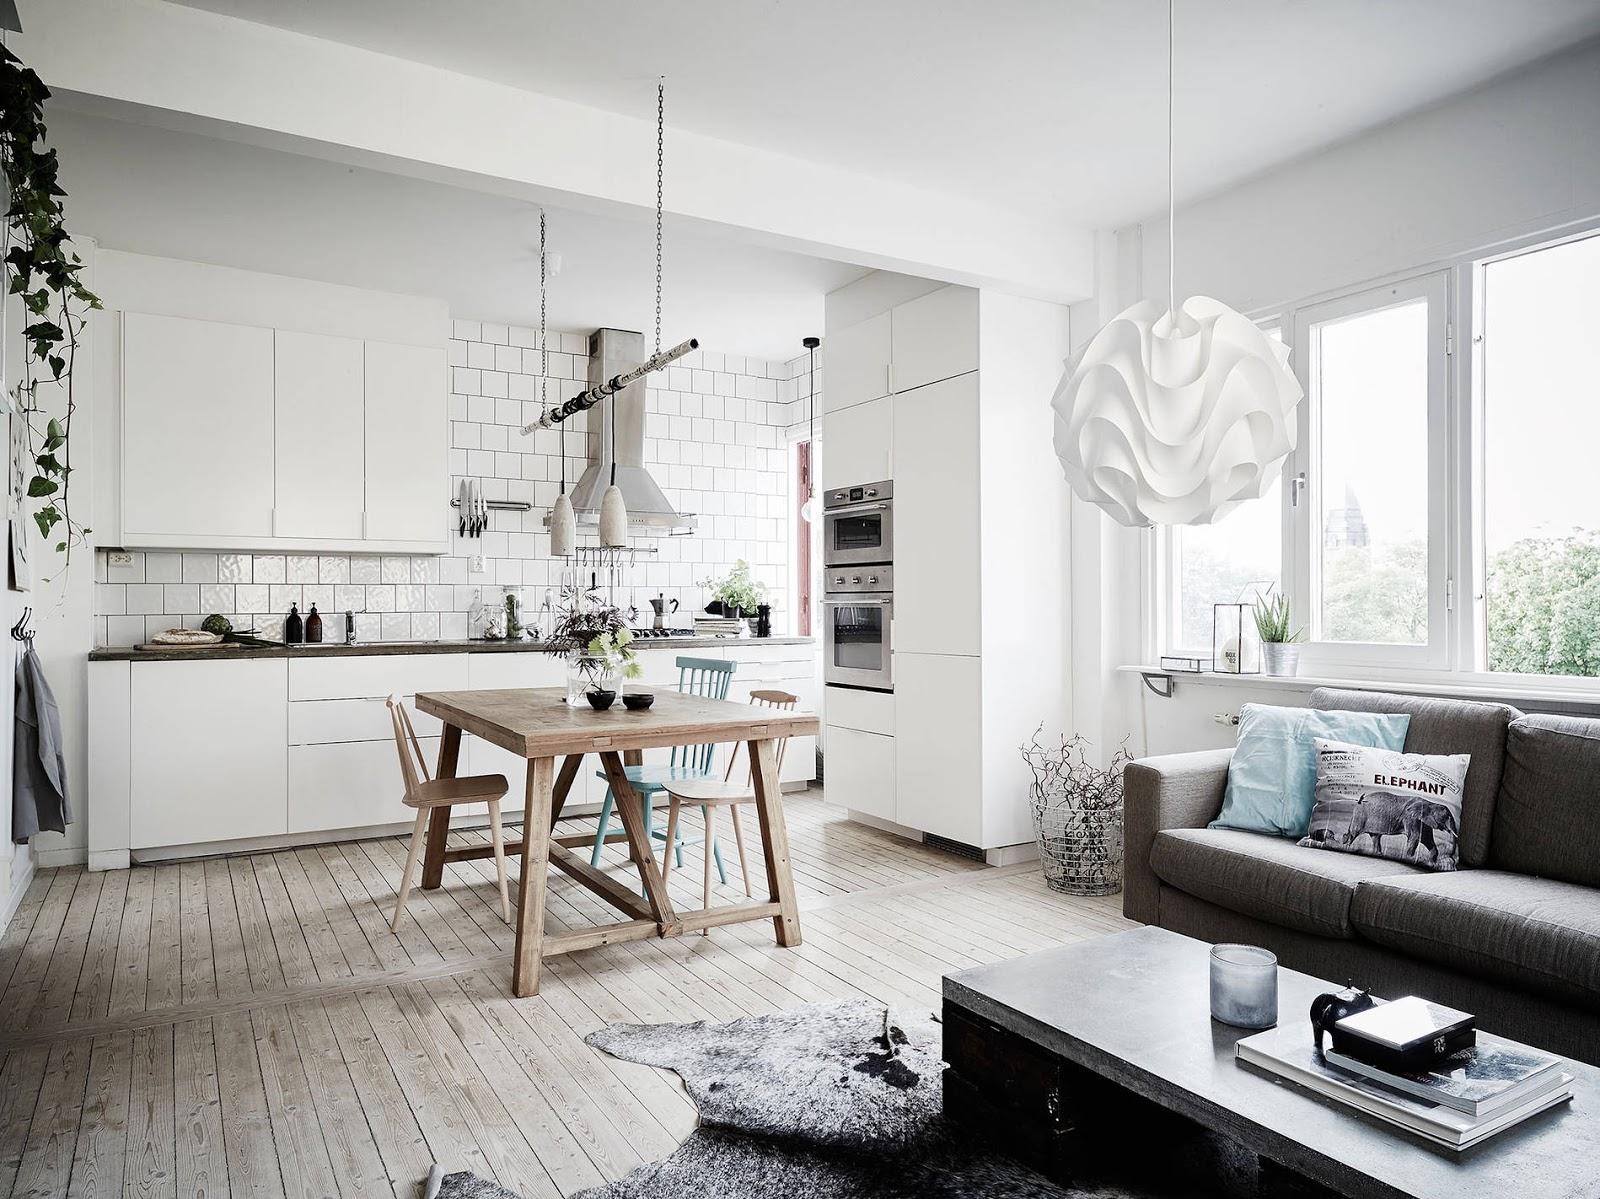 biała kuchnia, turkusowe krzesło, drewniana podłoga